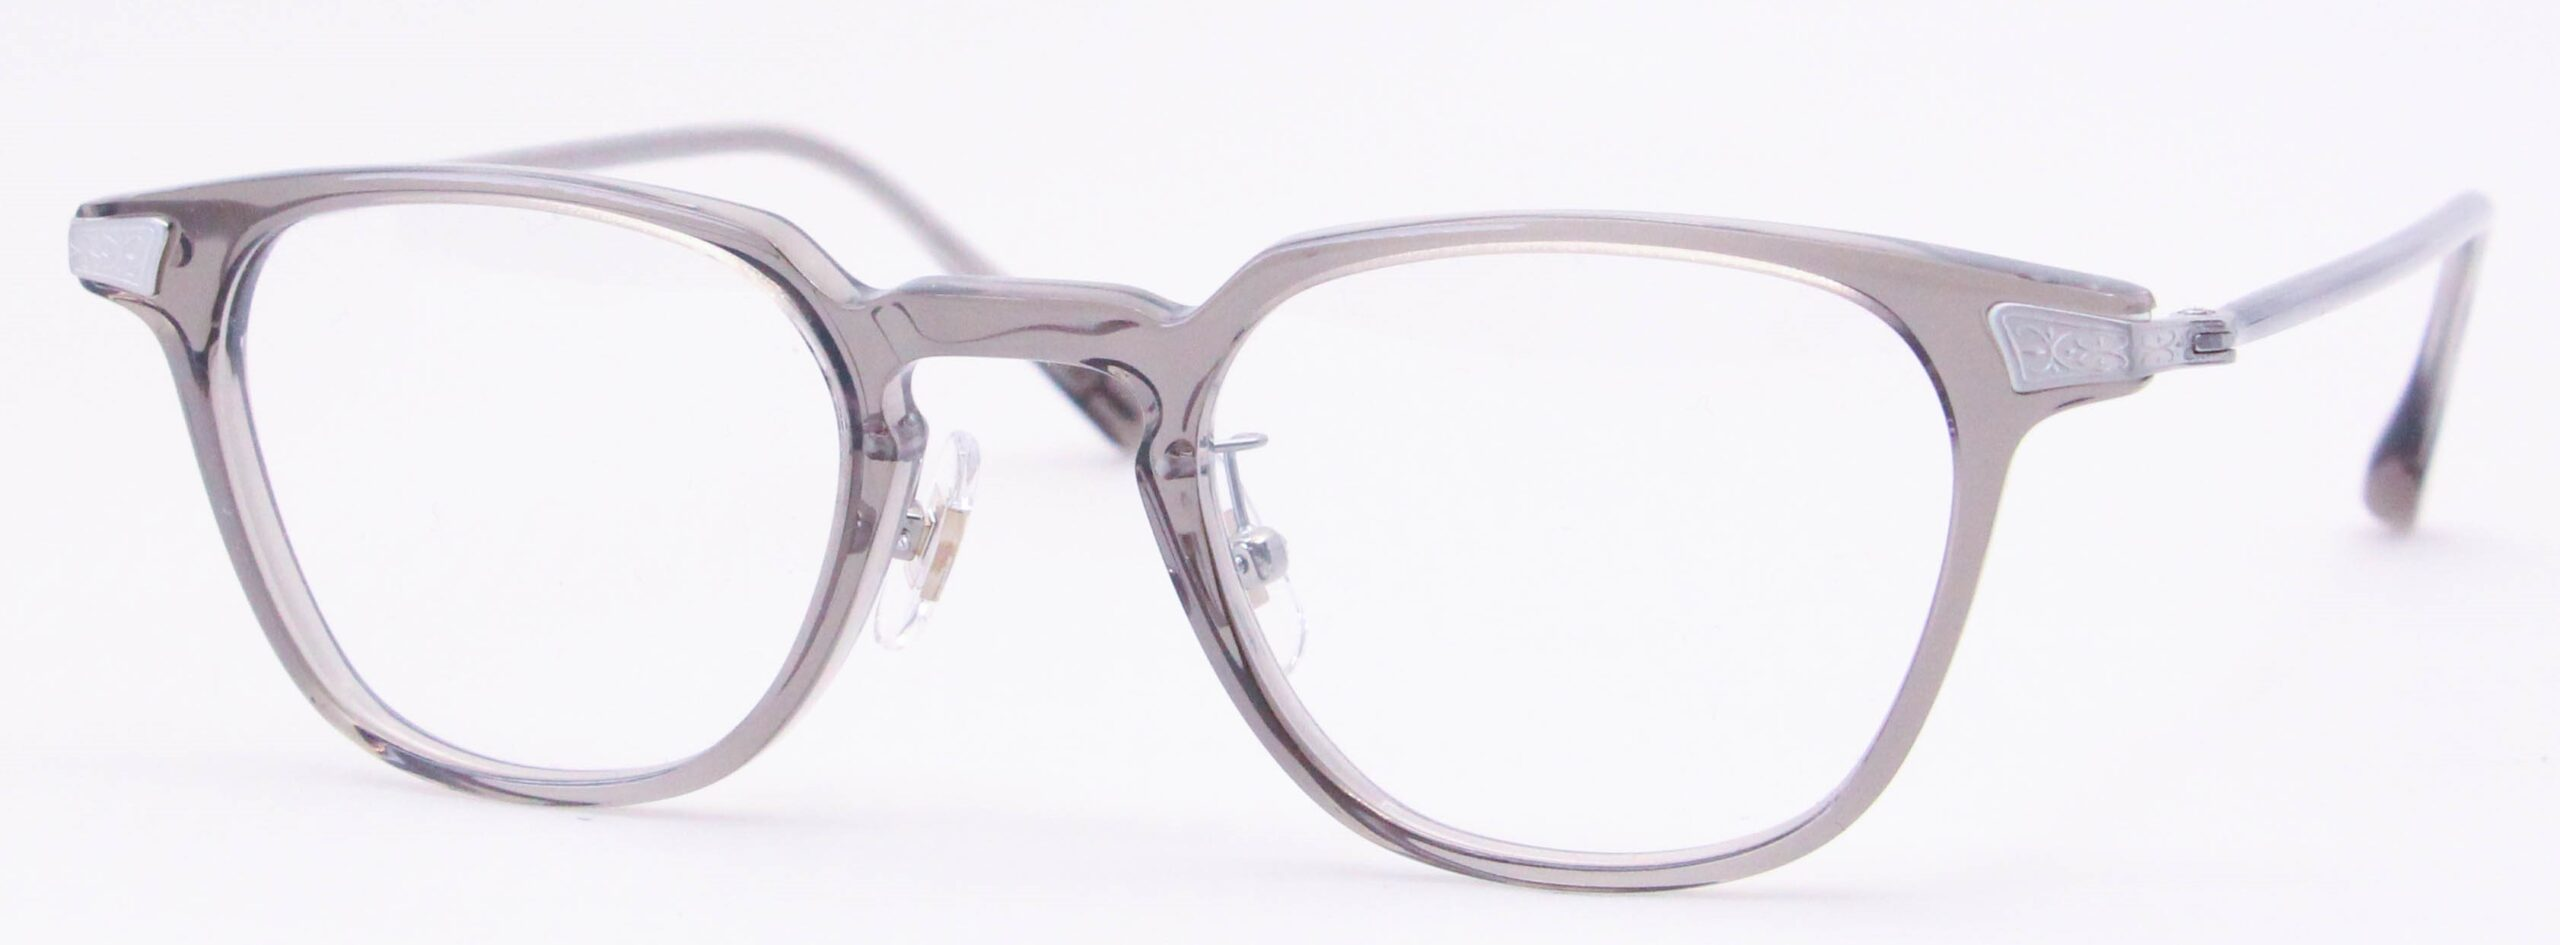 眼鏡のカラータイプC-6 Gray/Silver